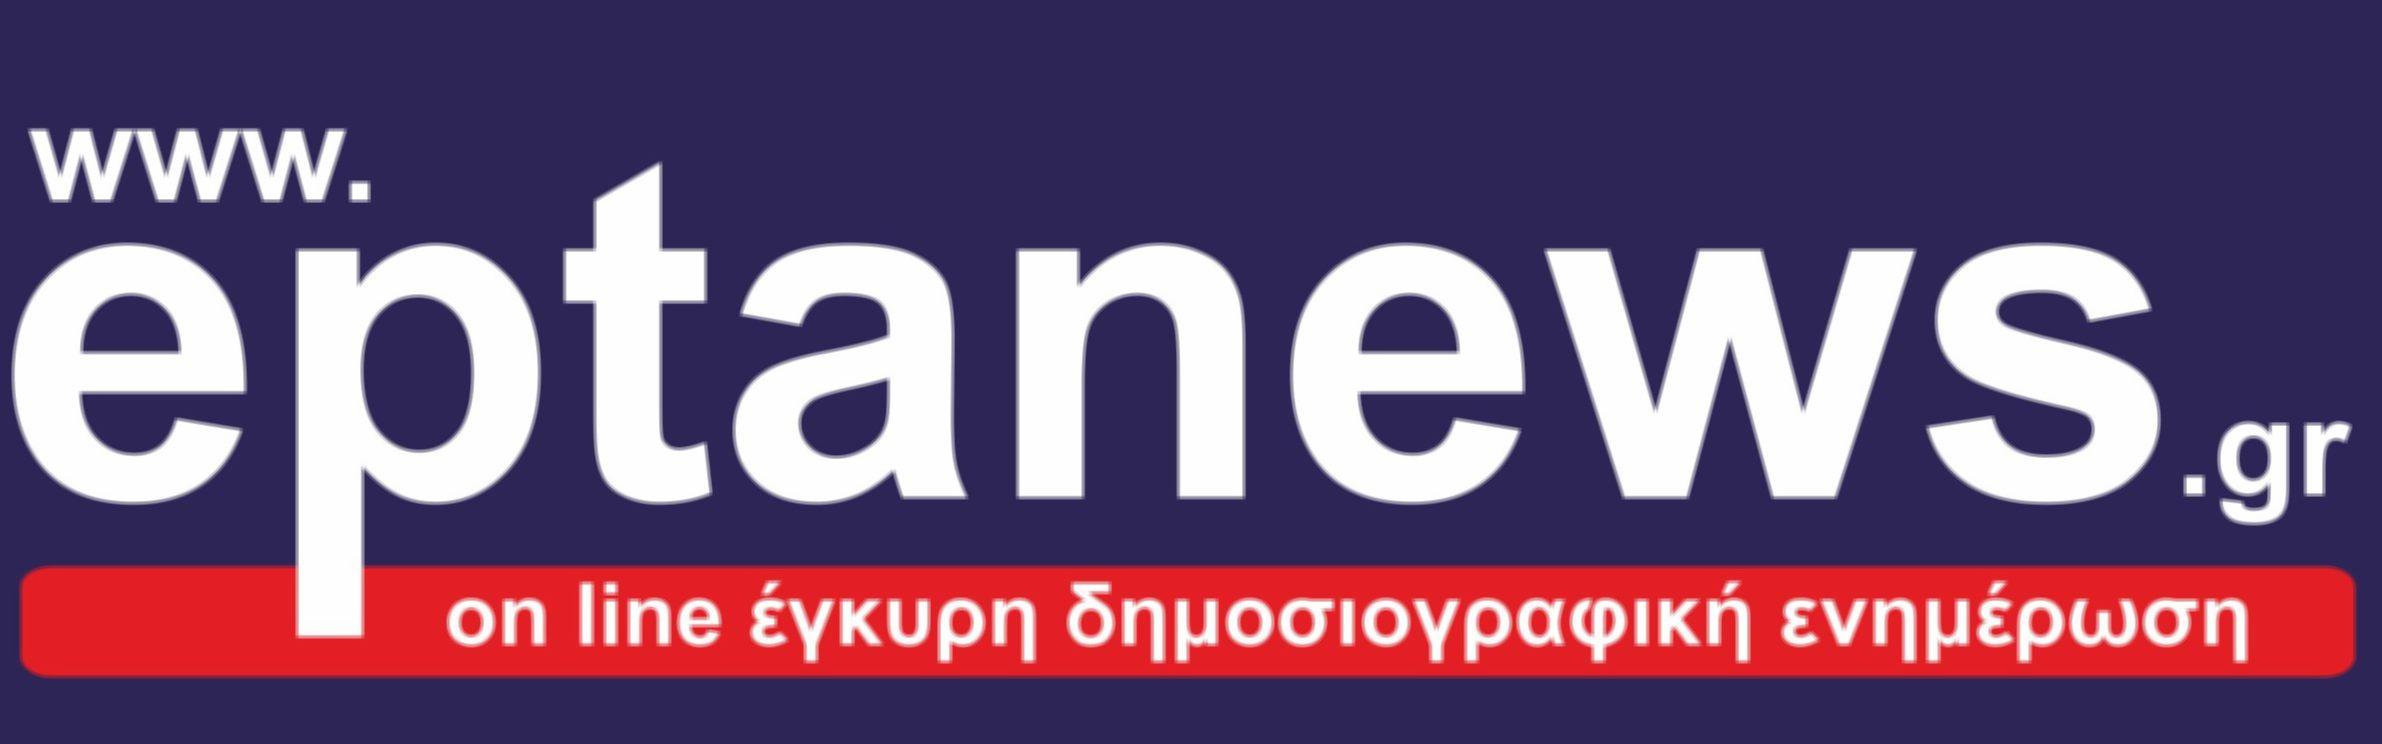 Eptanews.gr